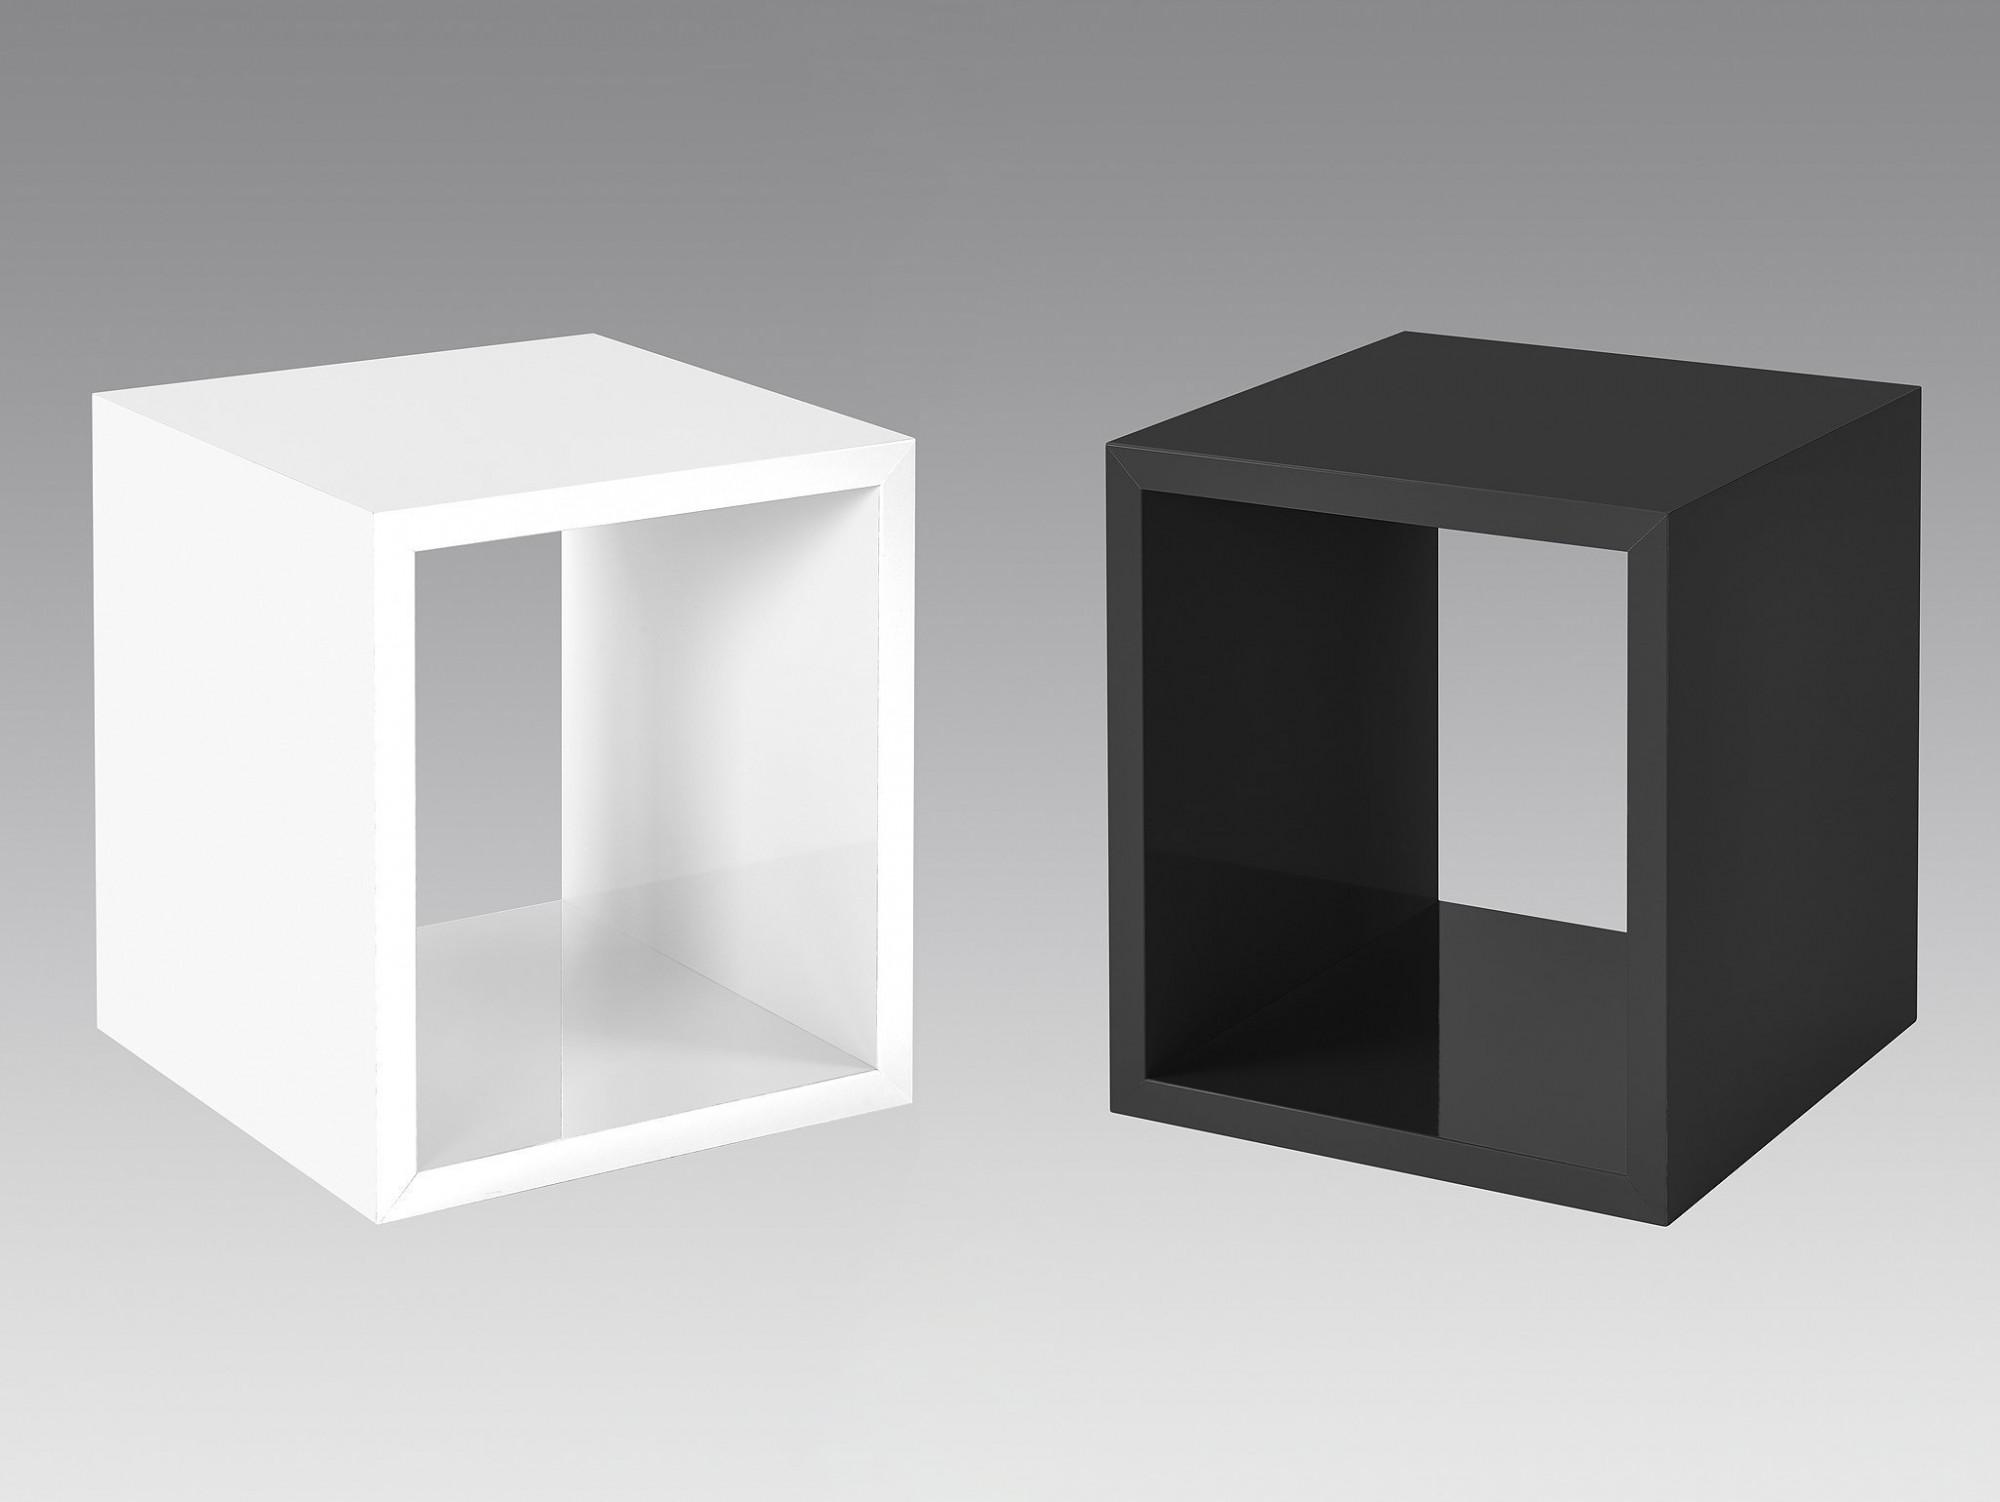 Afbeelding: Studiofotografie op locatie, meubelen,vrijgesteld en voorzien van verloopfond, productfotografie foto Van Huffel.